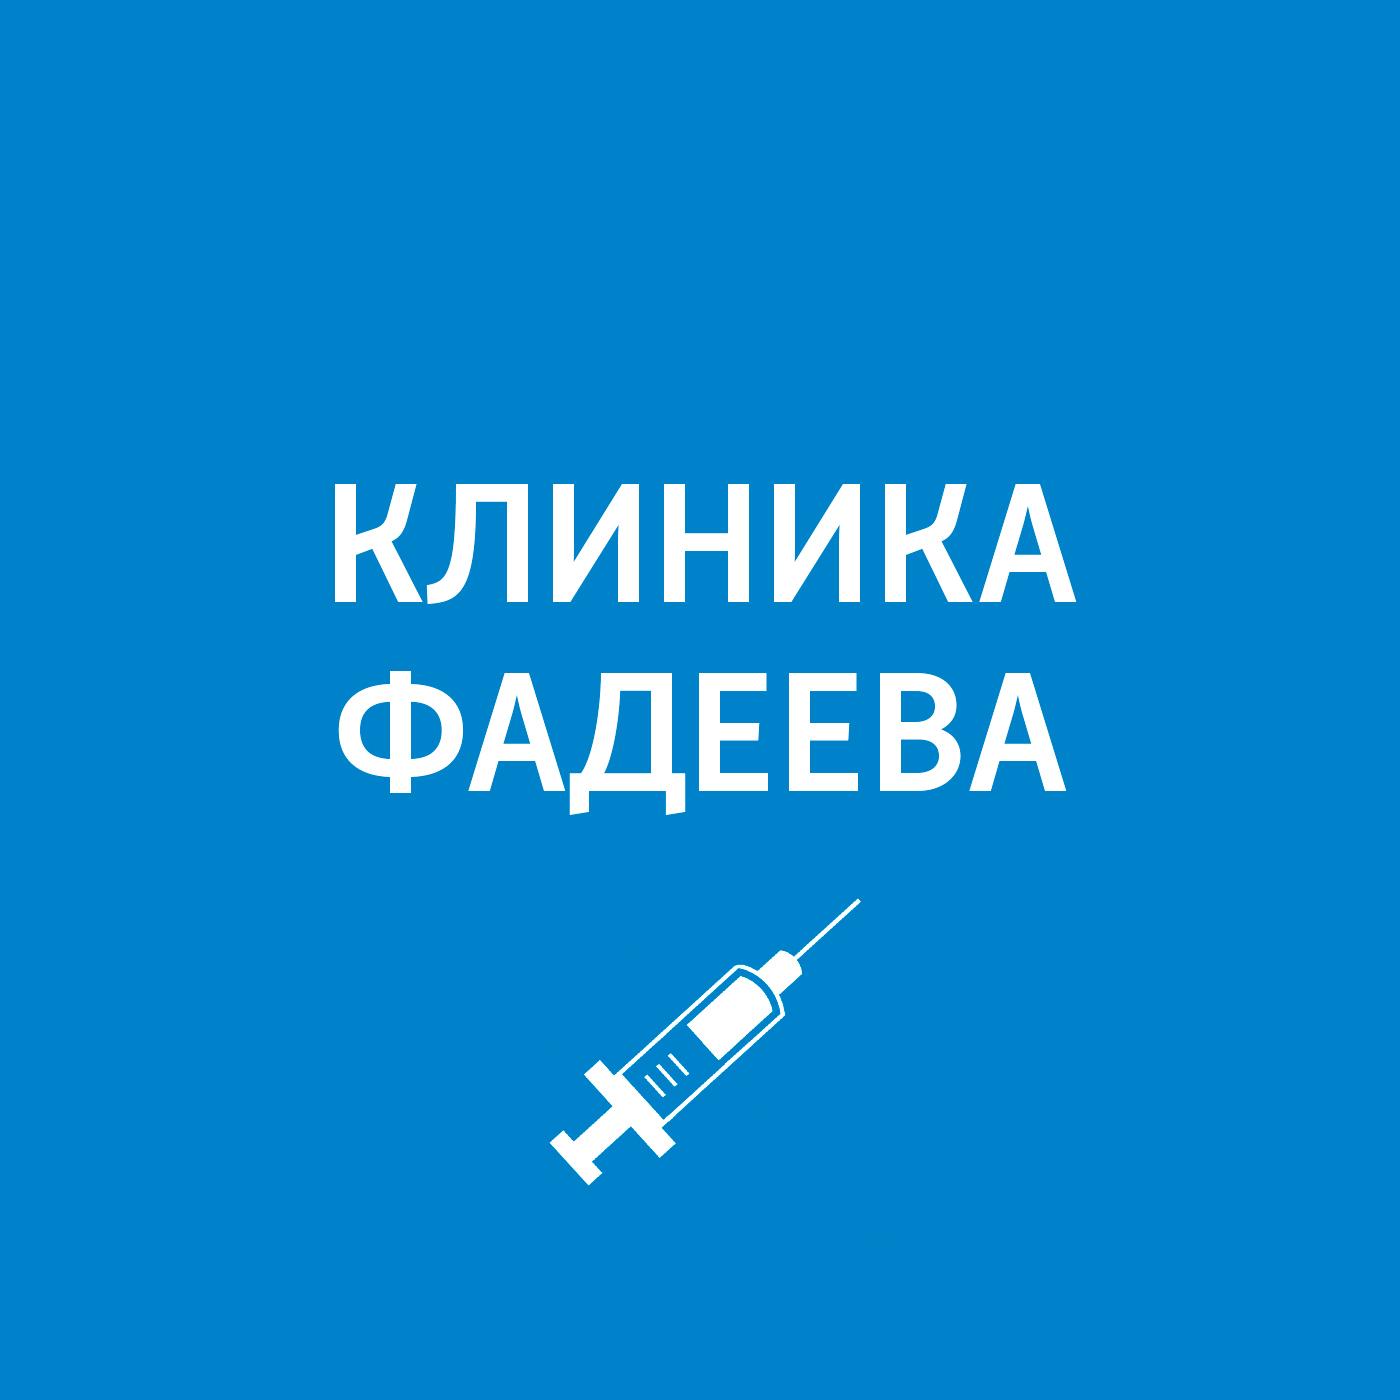 Пётр Фадеев Неврология гусев е коновалова а ред неврология и нейрохирургия клинические рекомендации